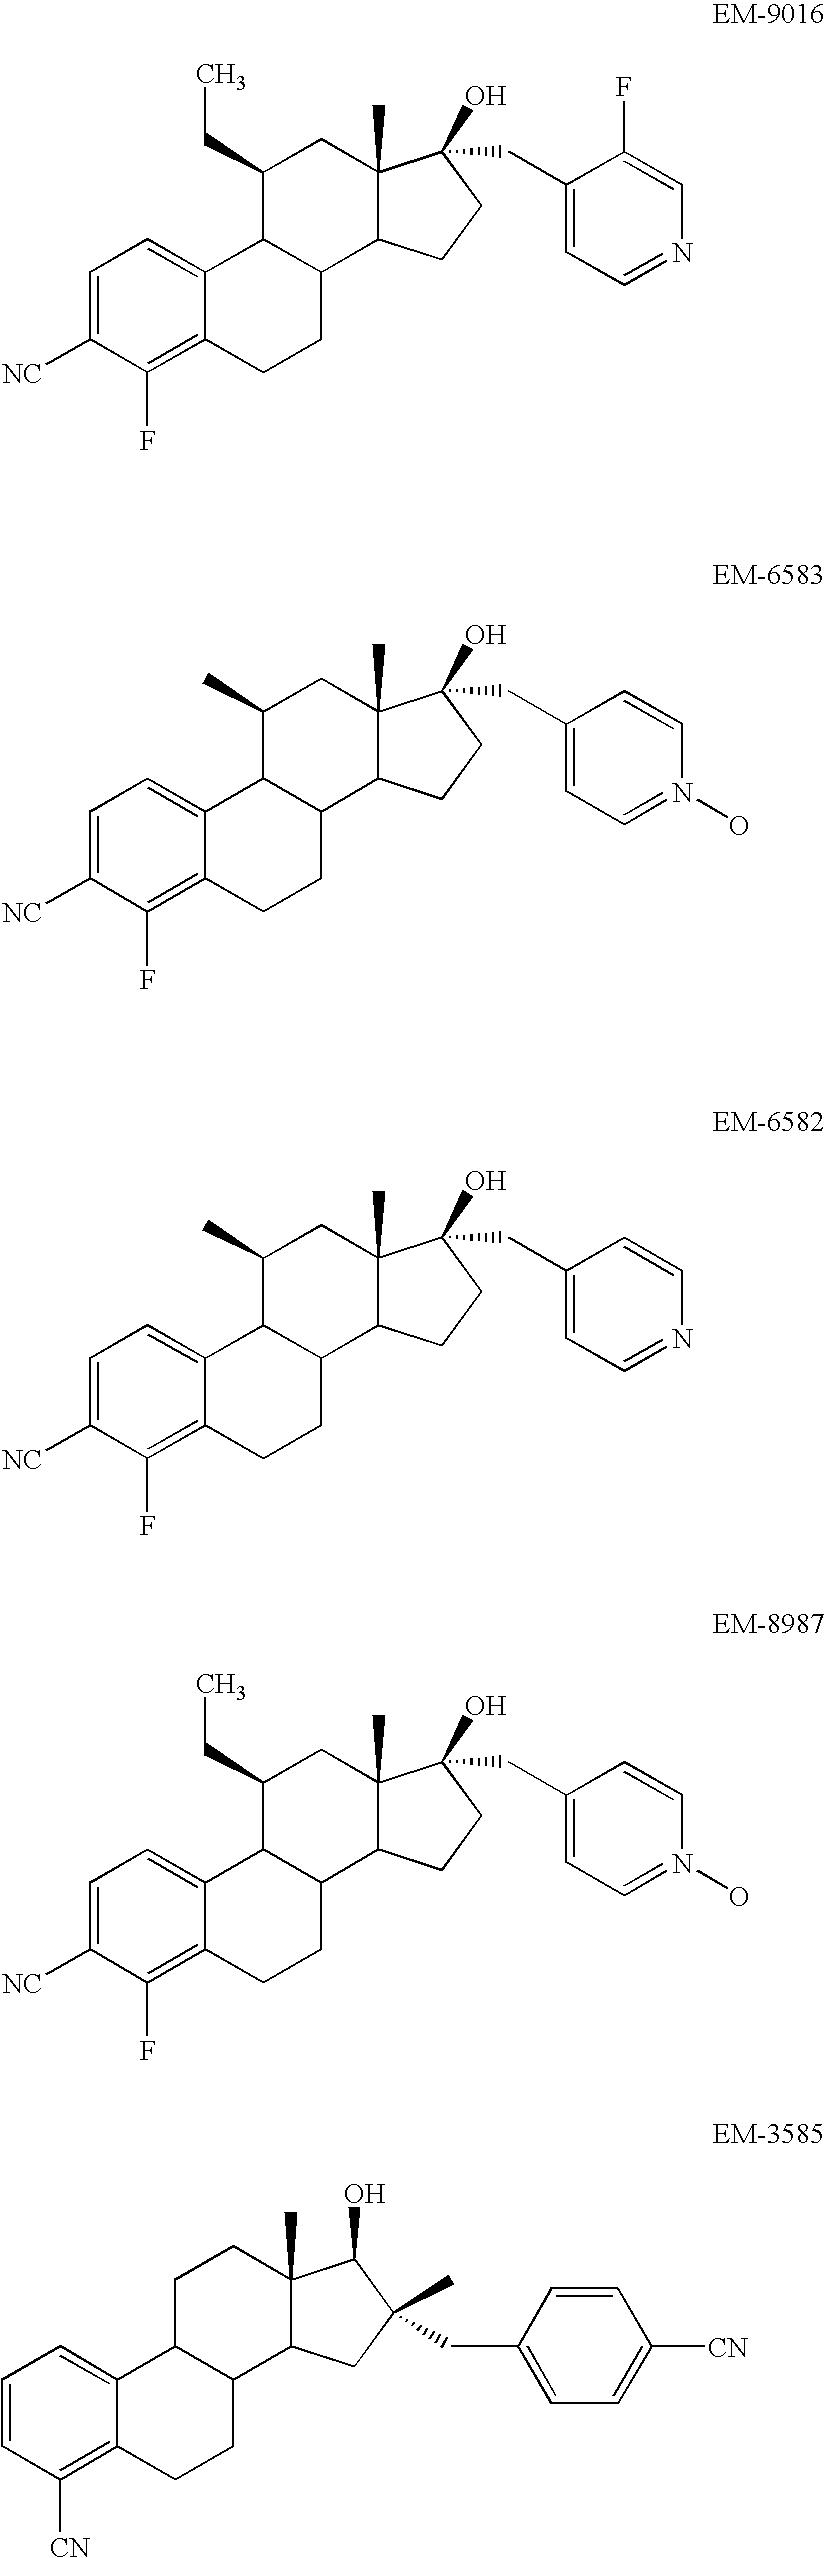 Figure US09284345-20160315-C00021